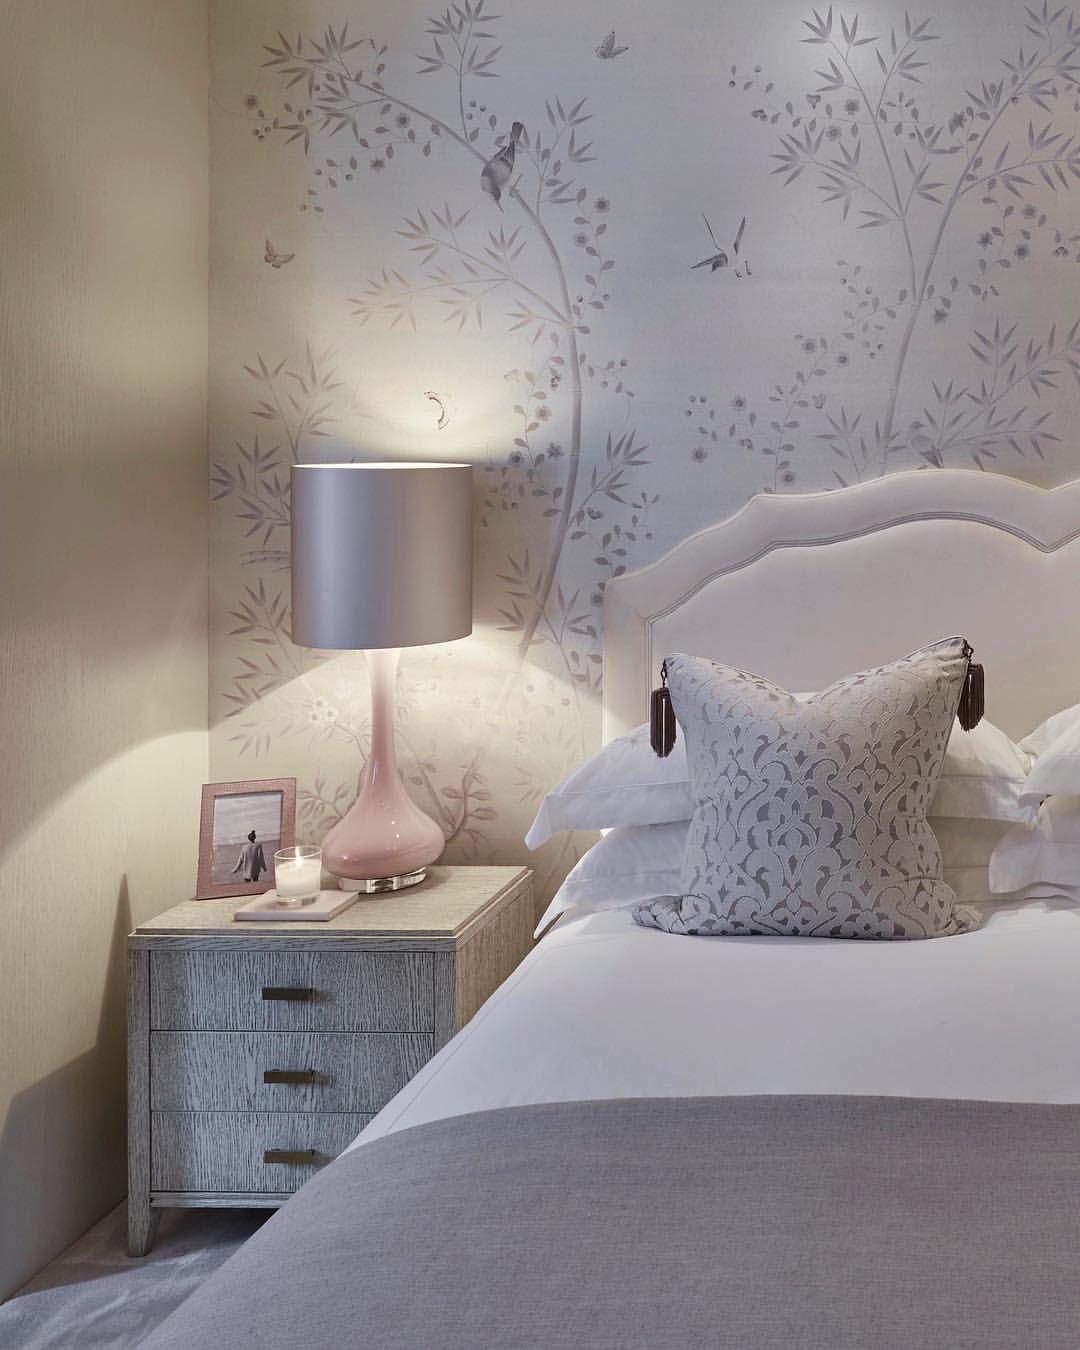 Serene Master Bedroom Bedroom Wardrobes Fromental Wallpaper Home Luxuryinteriors S Bedroom Interior Sophie Paterson Interiors Master Bedroom